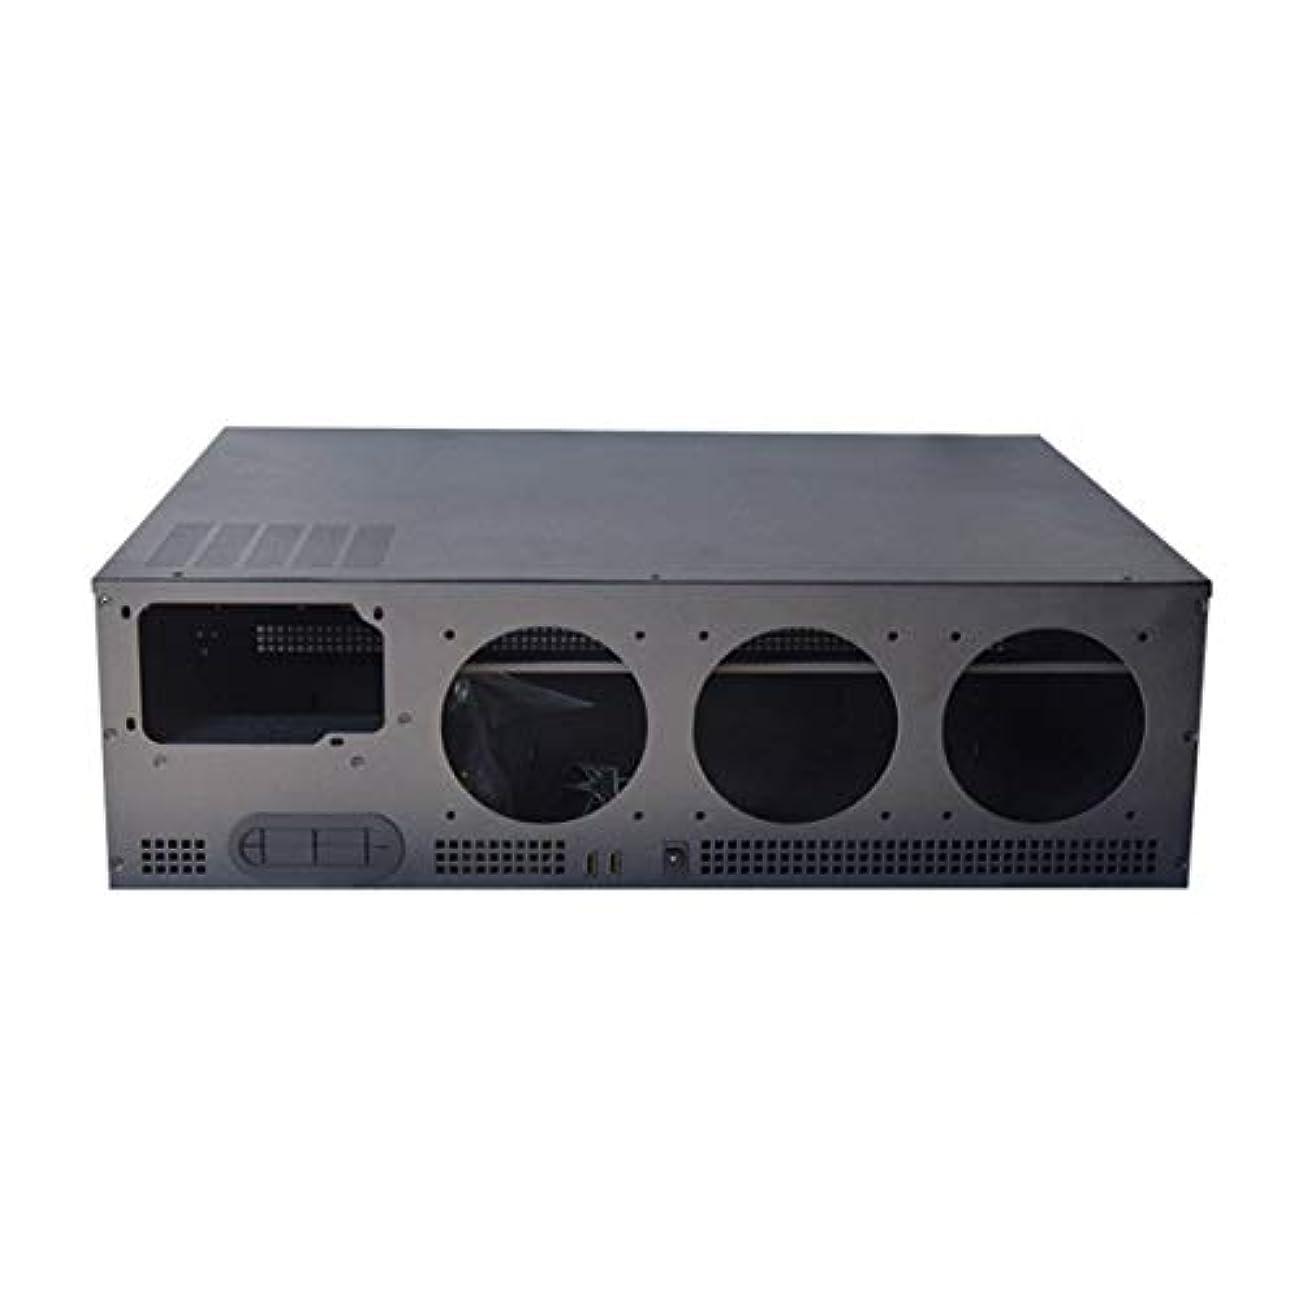 空港に対応する麻酔薬USB 2.0 Micro ATX/ATXマイニングケースフレーム ONDA B250-BTC-D8P D4マザーボード用 8 GPU対応